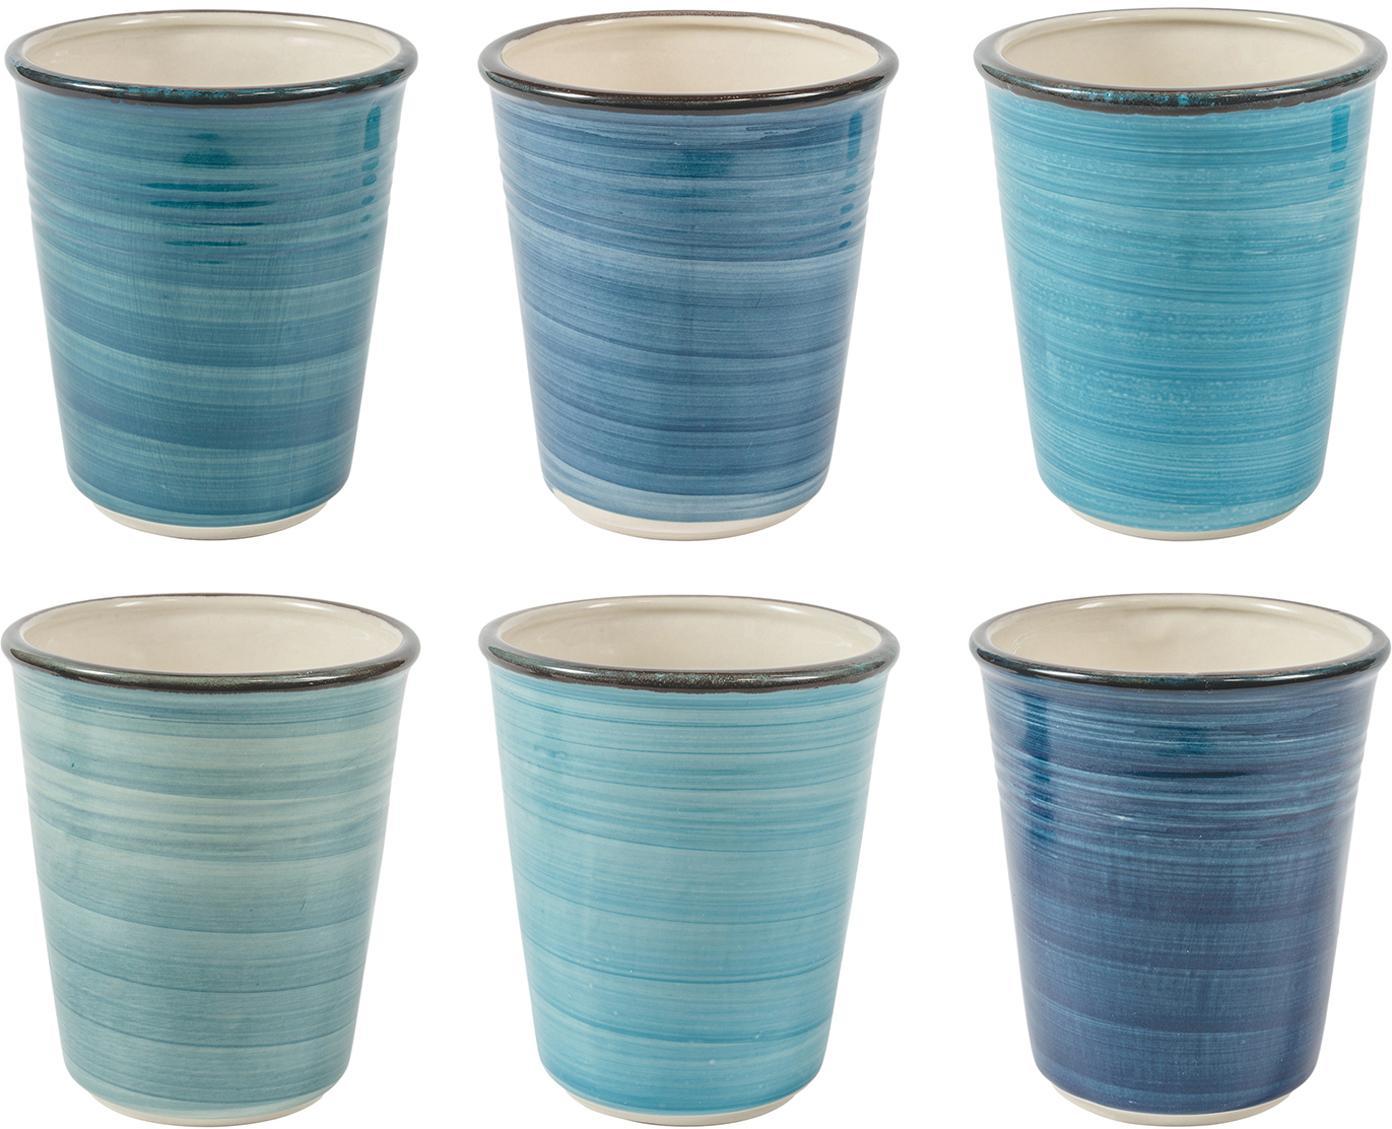 Handbemalte Becher Baita in Blautönen, 6er-Set, Steingut (Dolomitstein), handbemalt, Blautöne, Ø 9 x H 11 cm